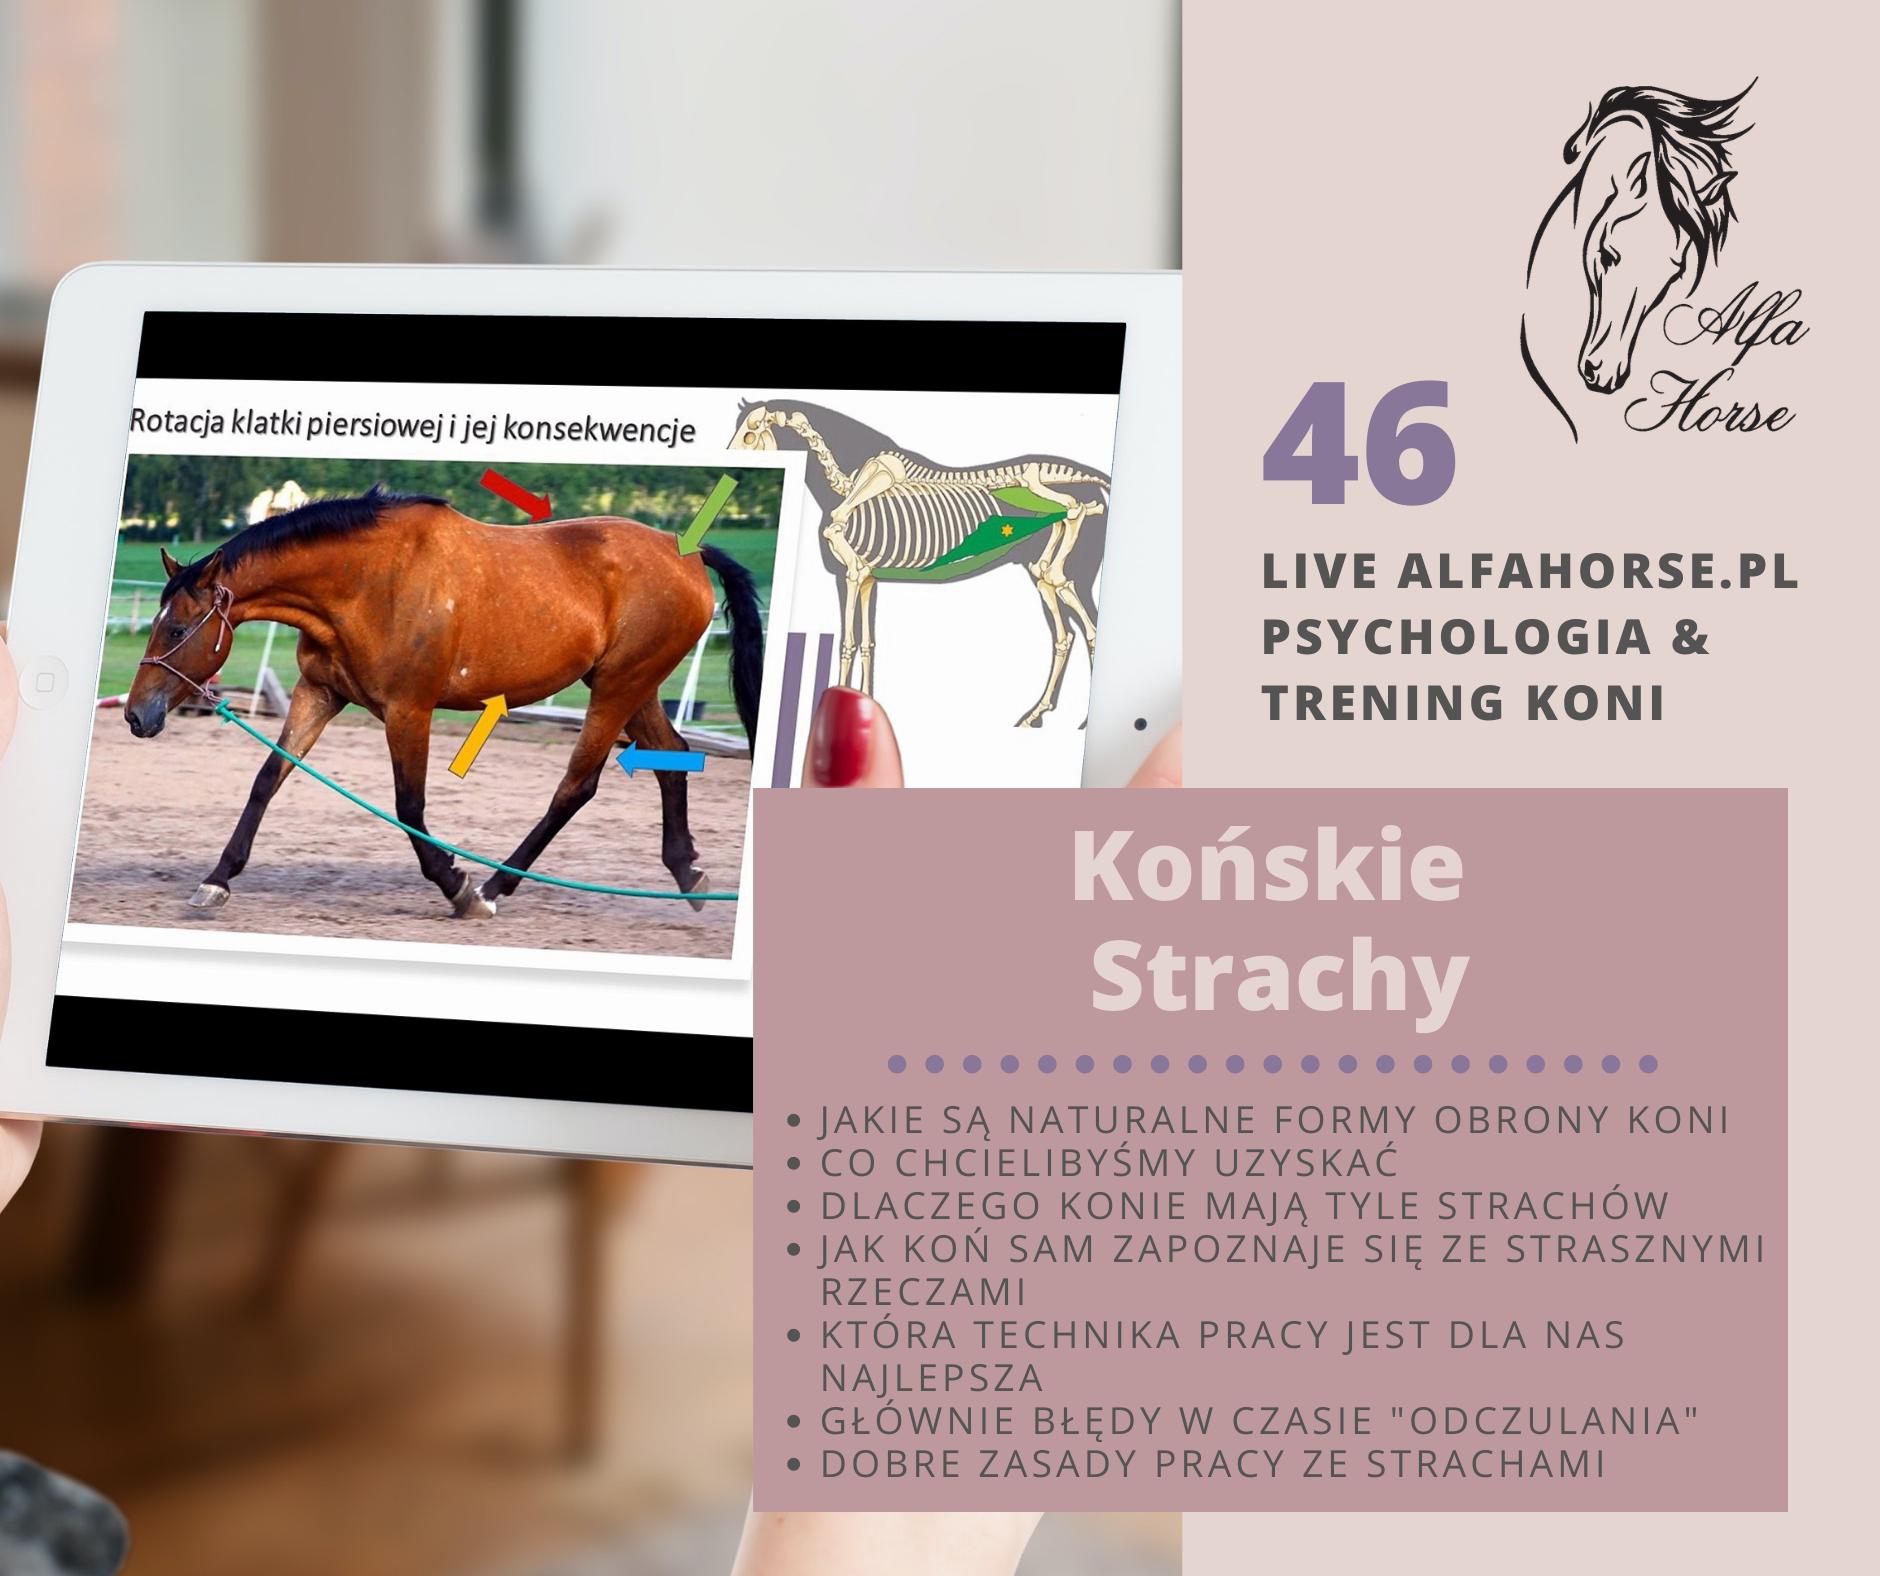 komskie_strachy_trening_koni_alfa_horse